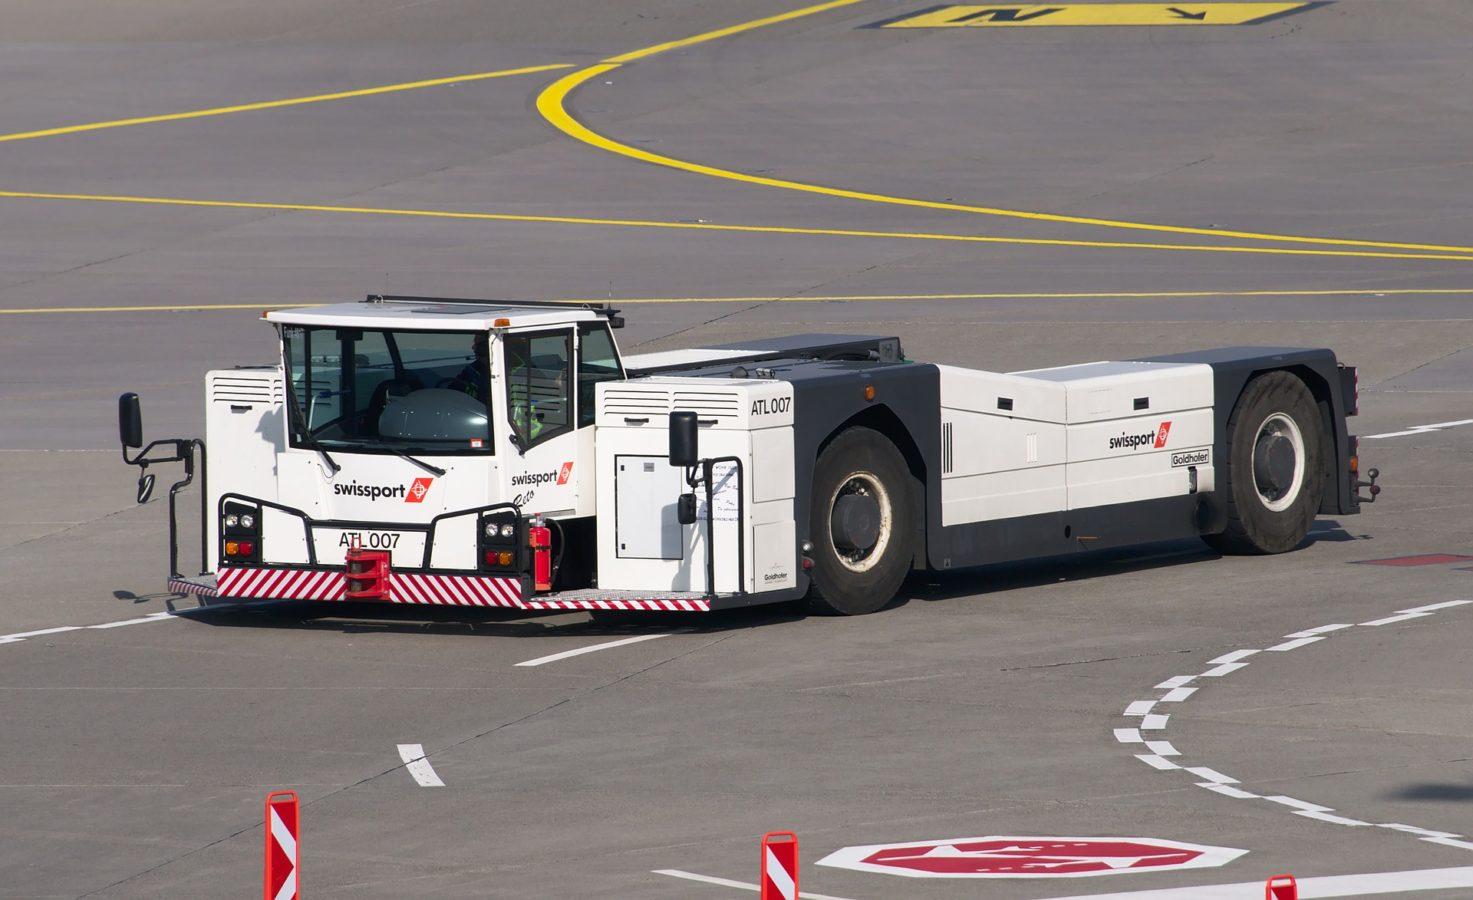 Le gestionnaire d'aéroports Swissport cherche à refinancer sa dette à hauteur de 850 millions $